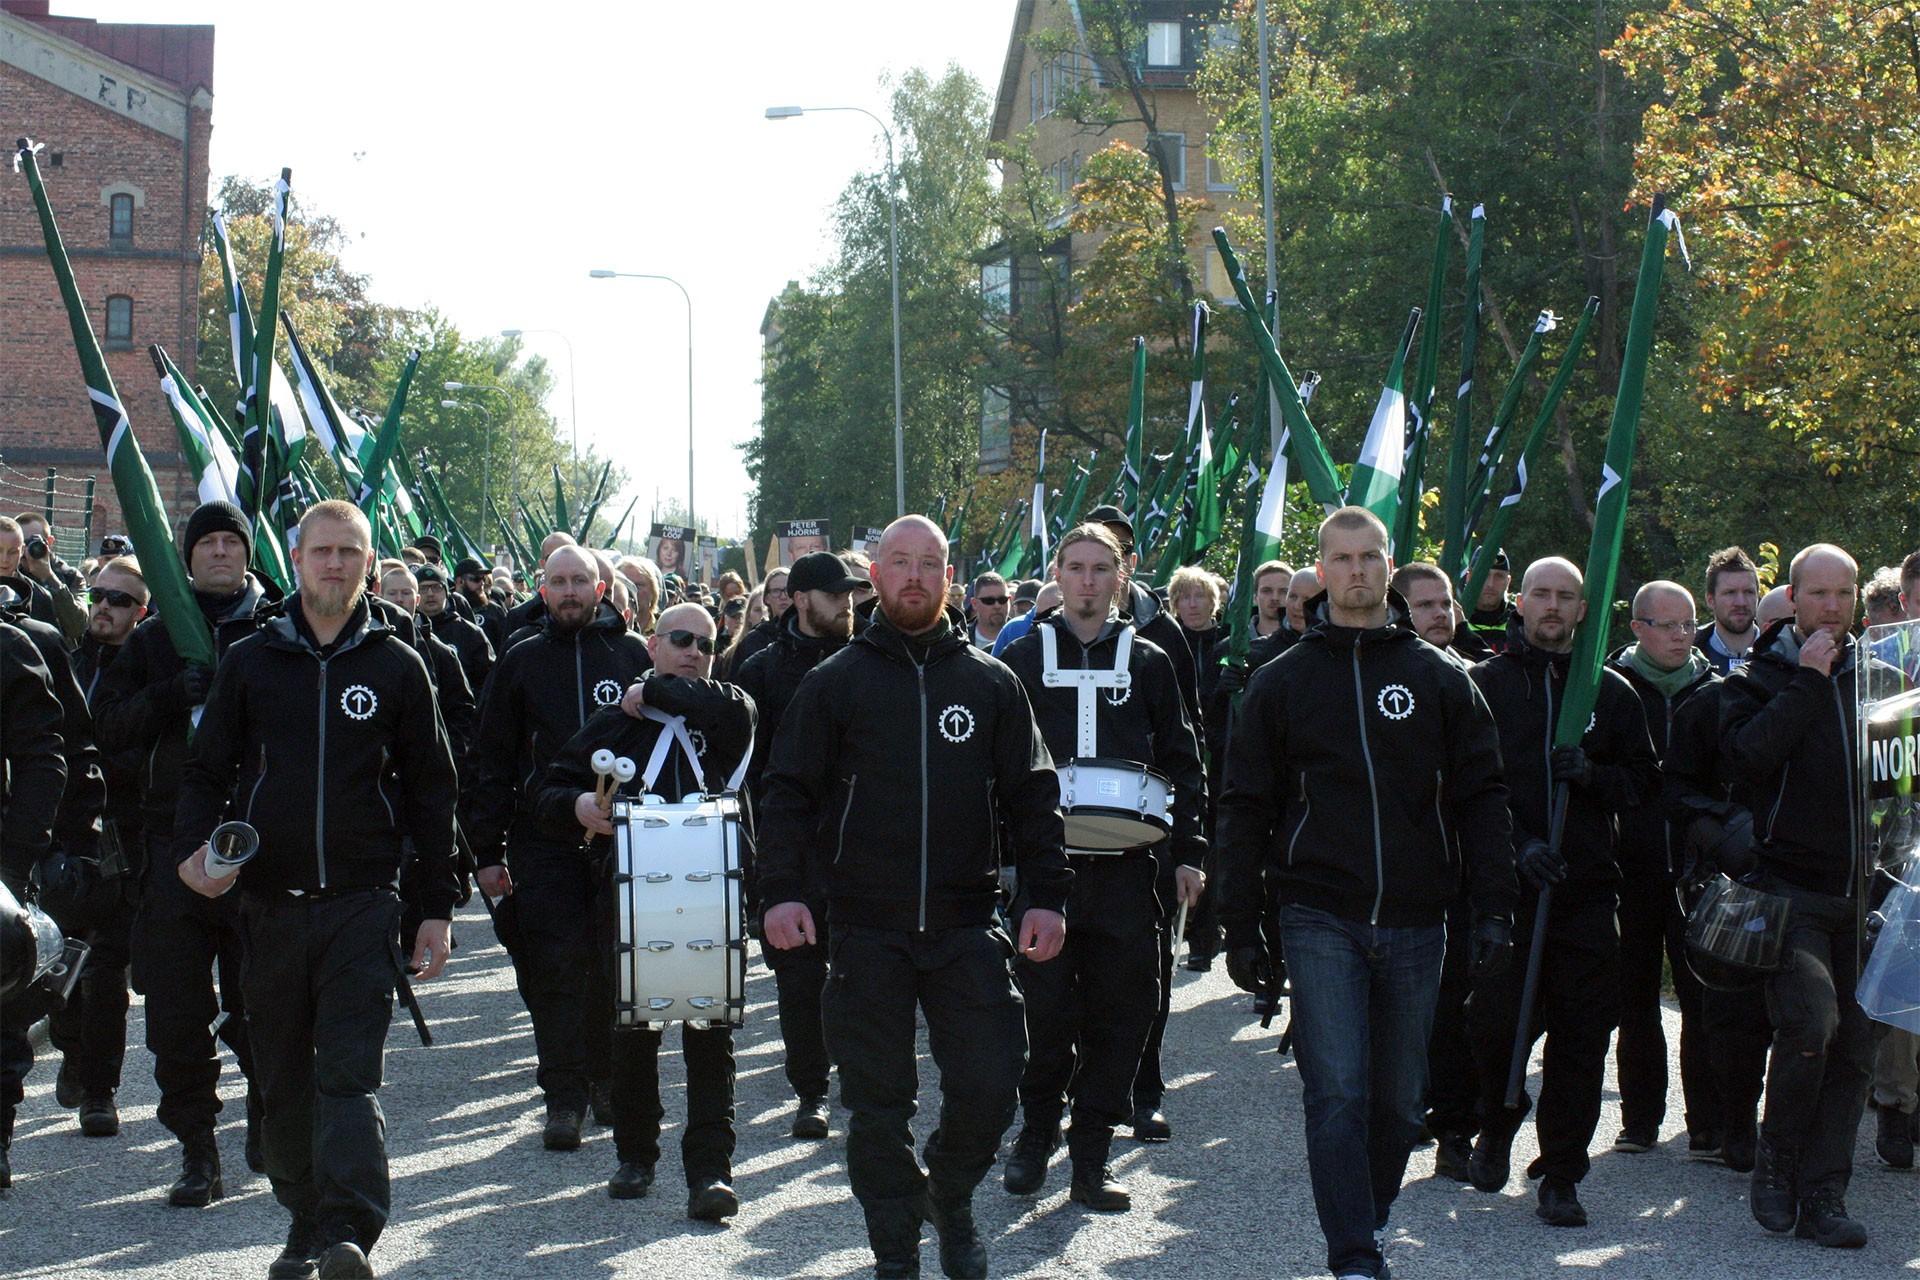 İsveç Akademisi, Nazilere dava açmaya hazırlanıyor